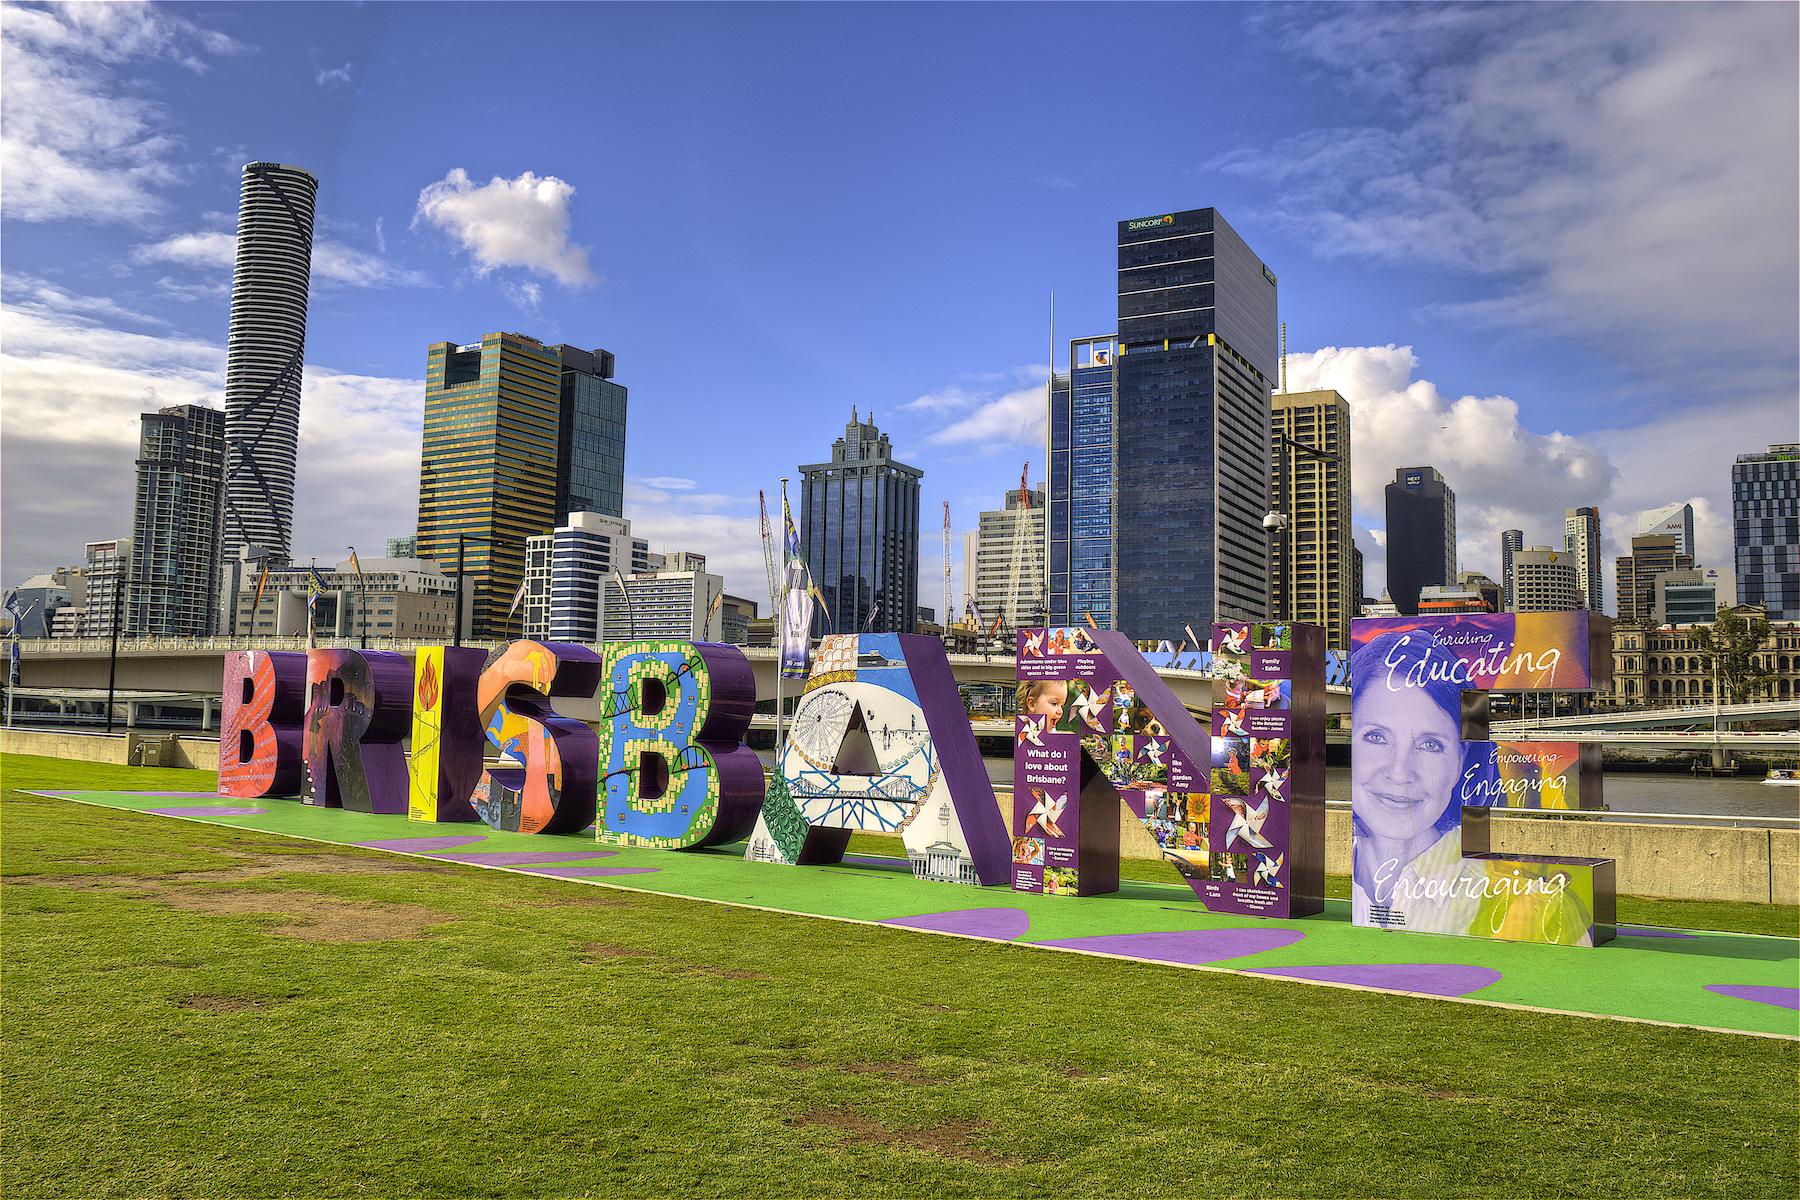 Brisbane Southbank, Australia